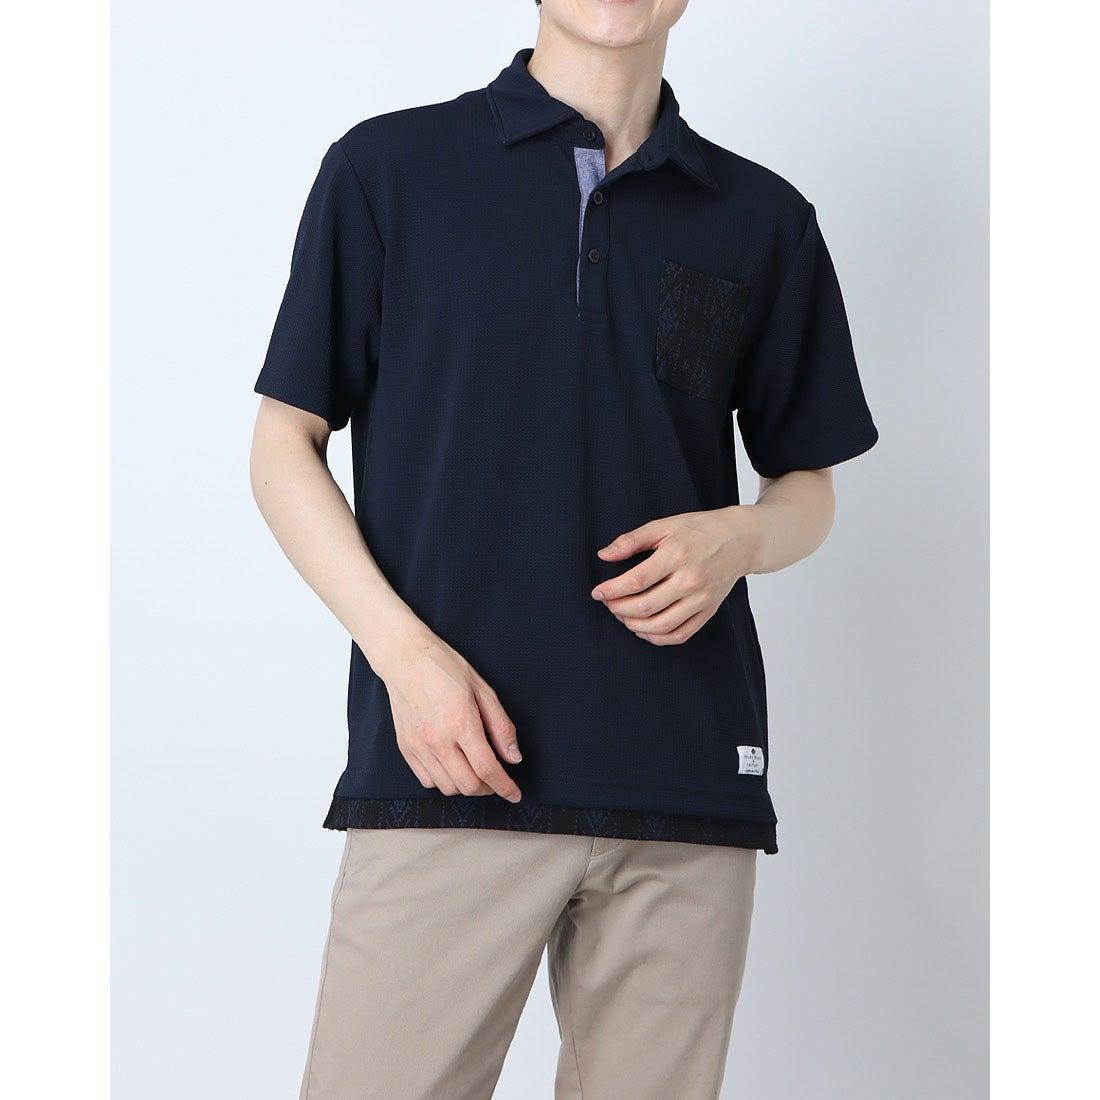 ロコンド 靴とファッションの通販サイトスタイルブロック STYLEBLOCK フクレジャガードフェイクレイヤードポロシャツ (ネイビー)